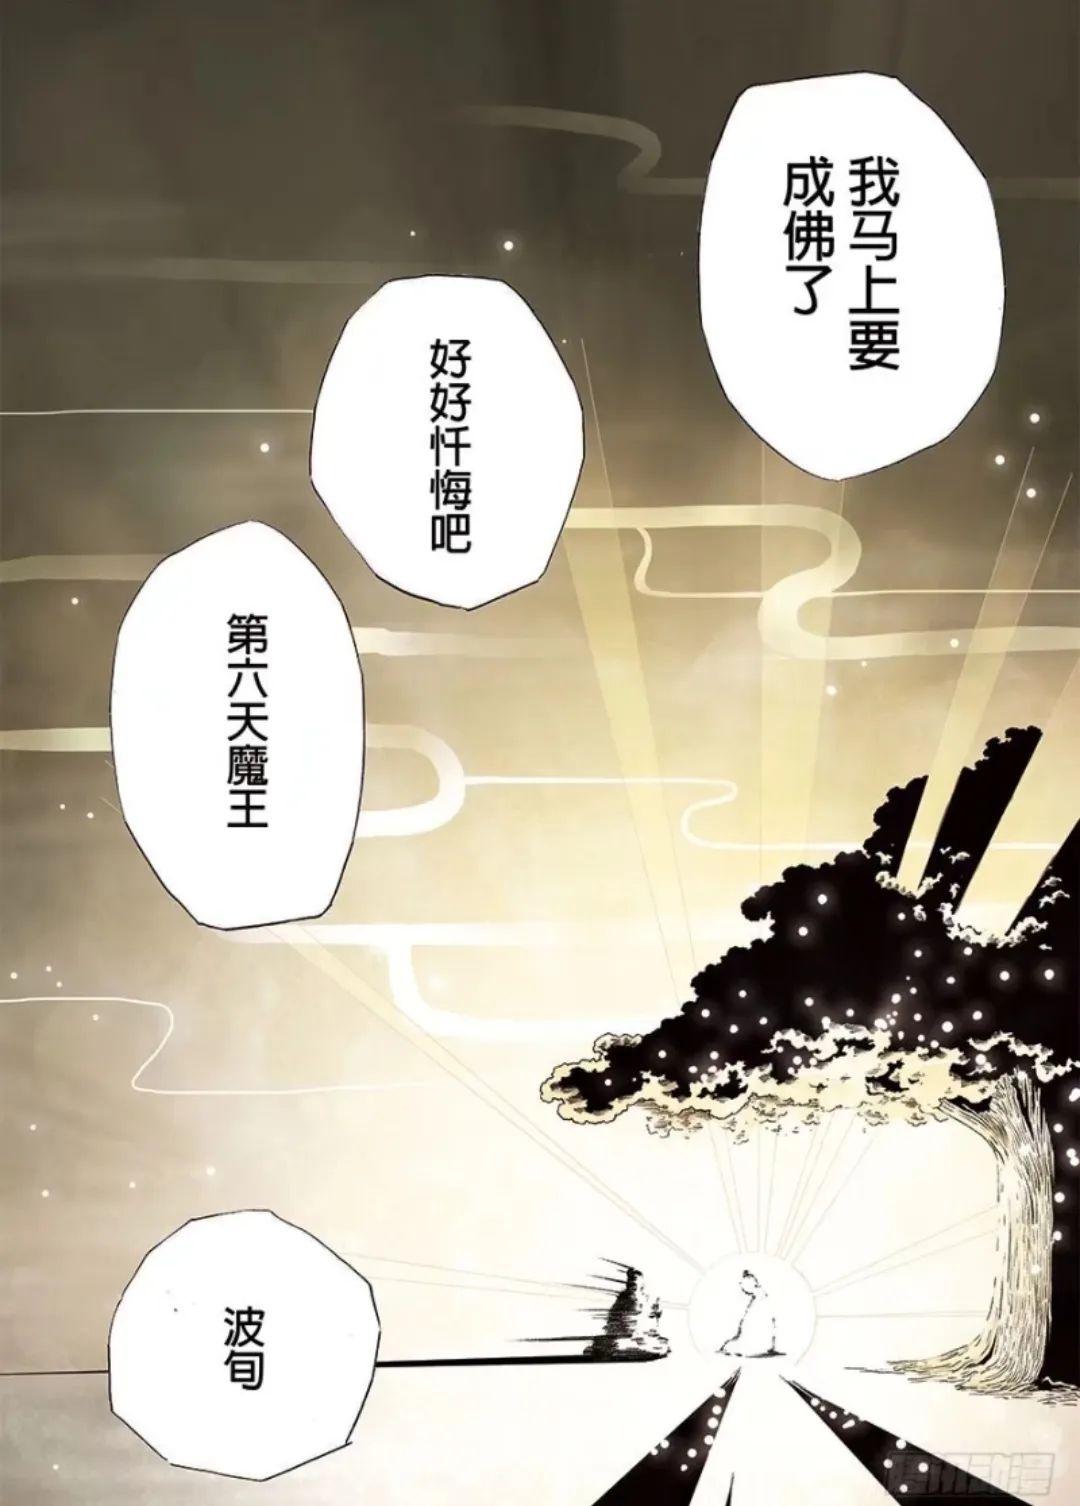 6人本剧本杀《波旬》线索复盘真相剧透结局真凶手是谁?%-site_name